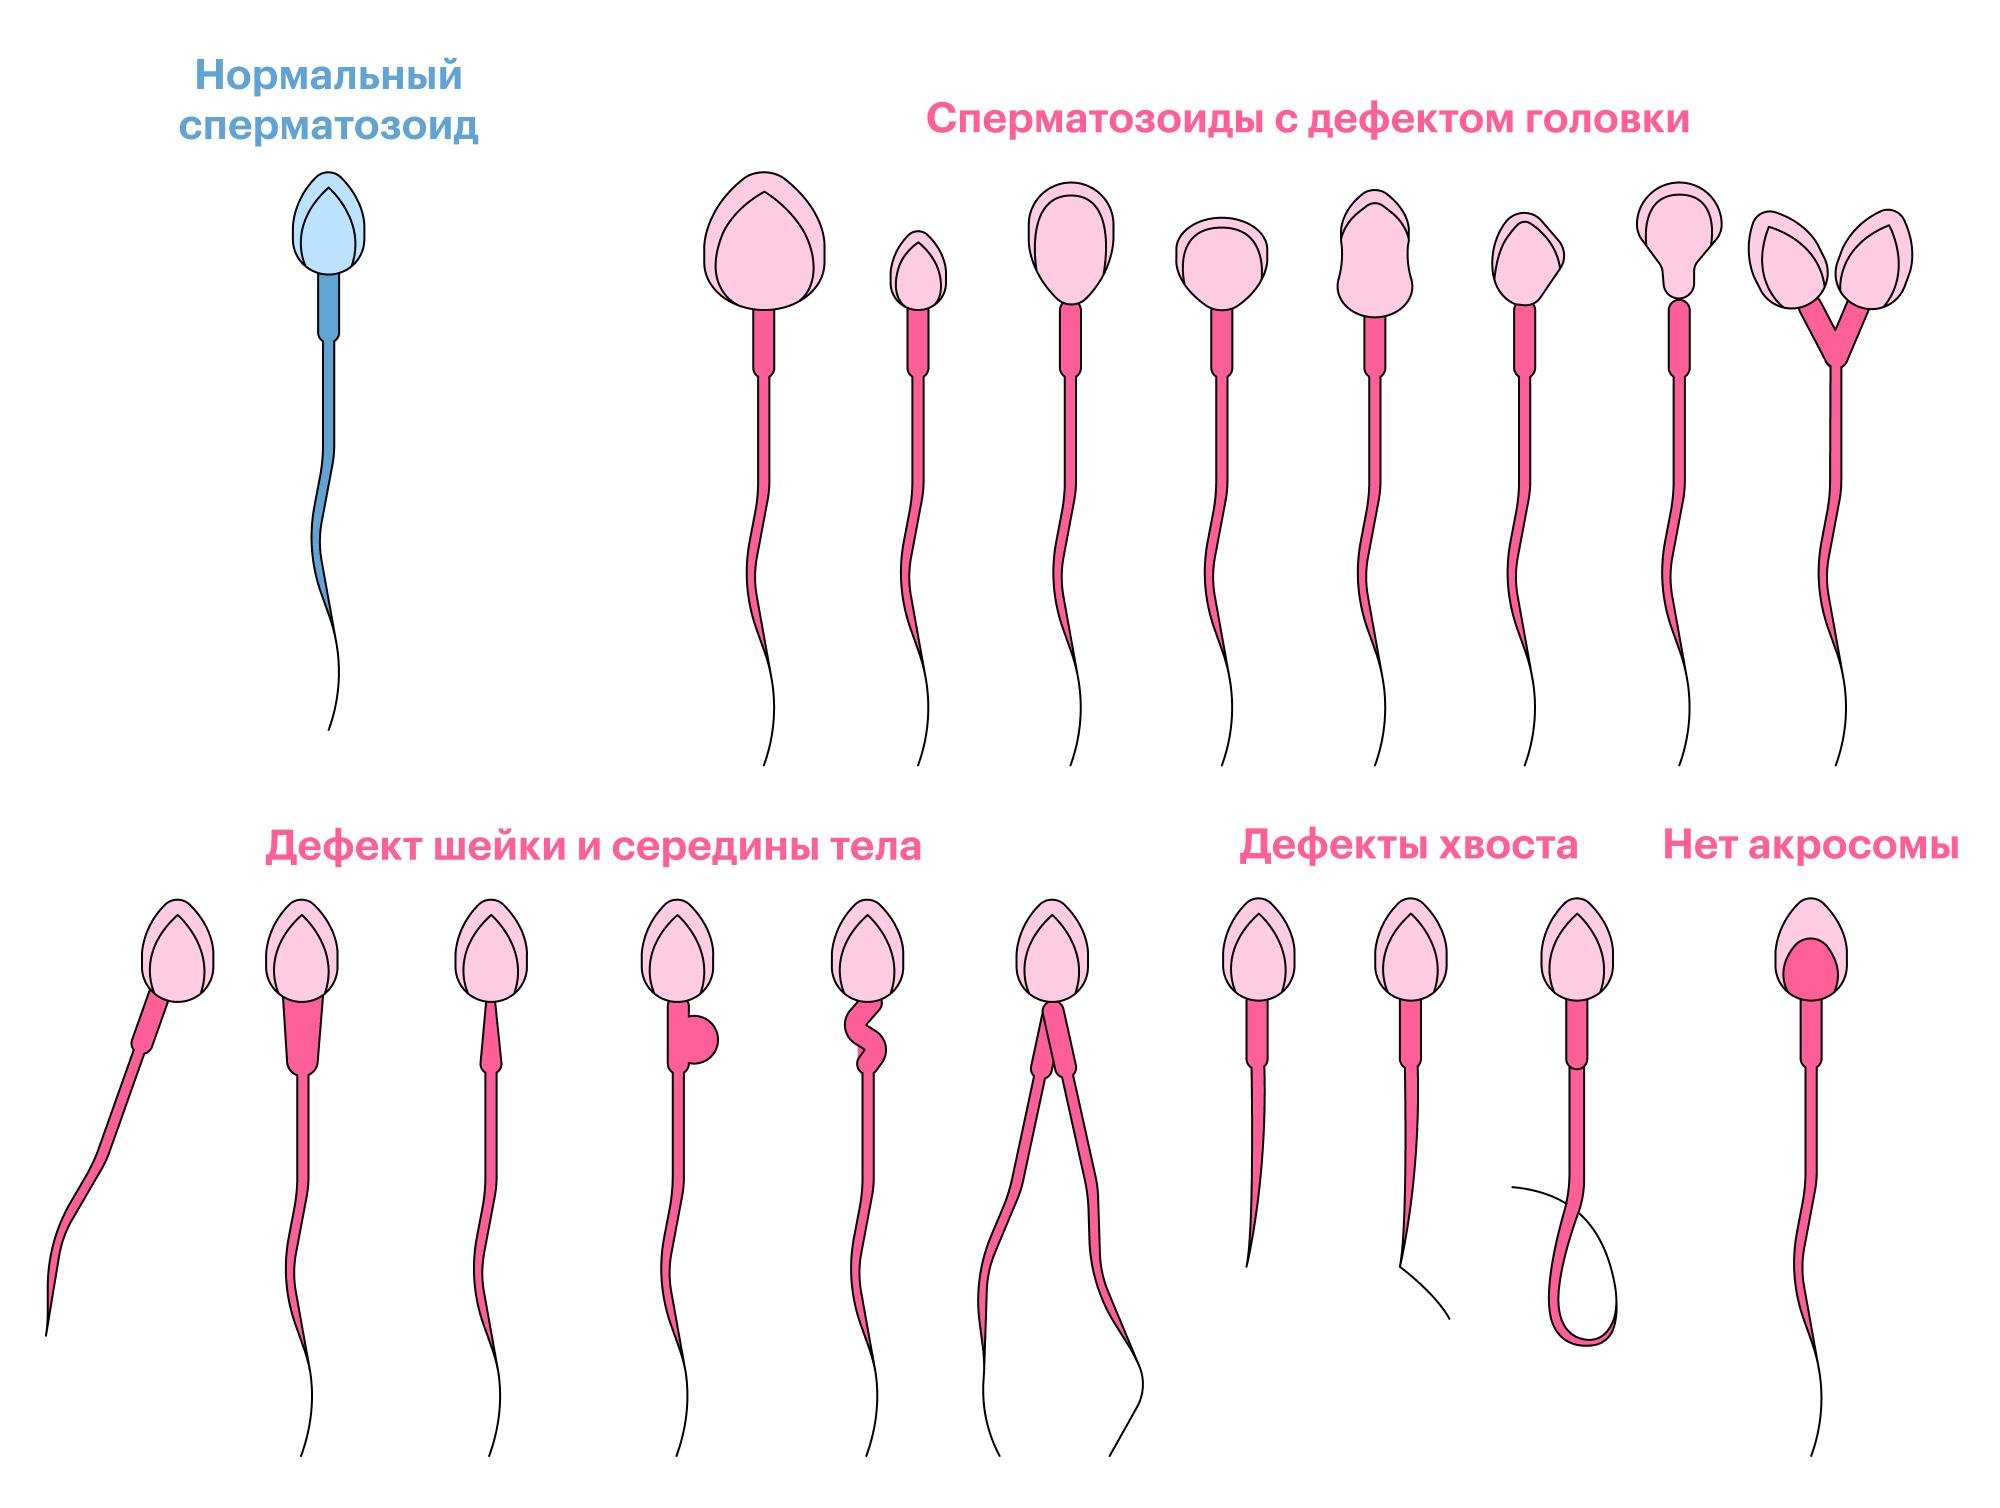 Голубой сперматозоид идеальной формы, поэтому ему будет проще добраться доцели, чем красным коллегам